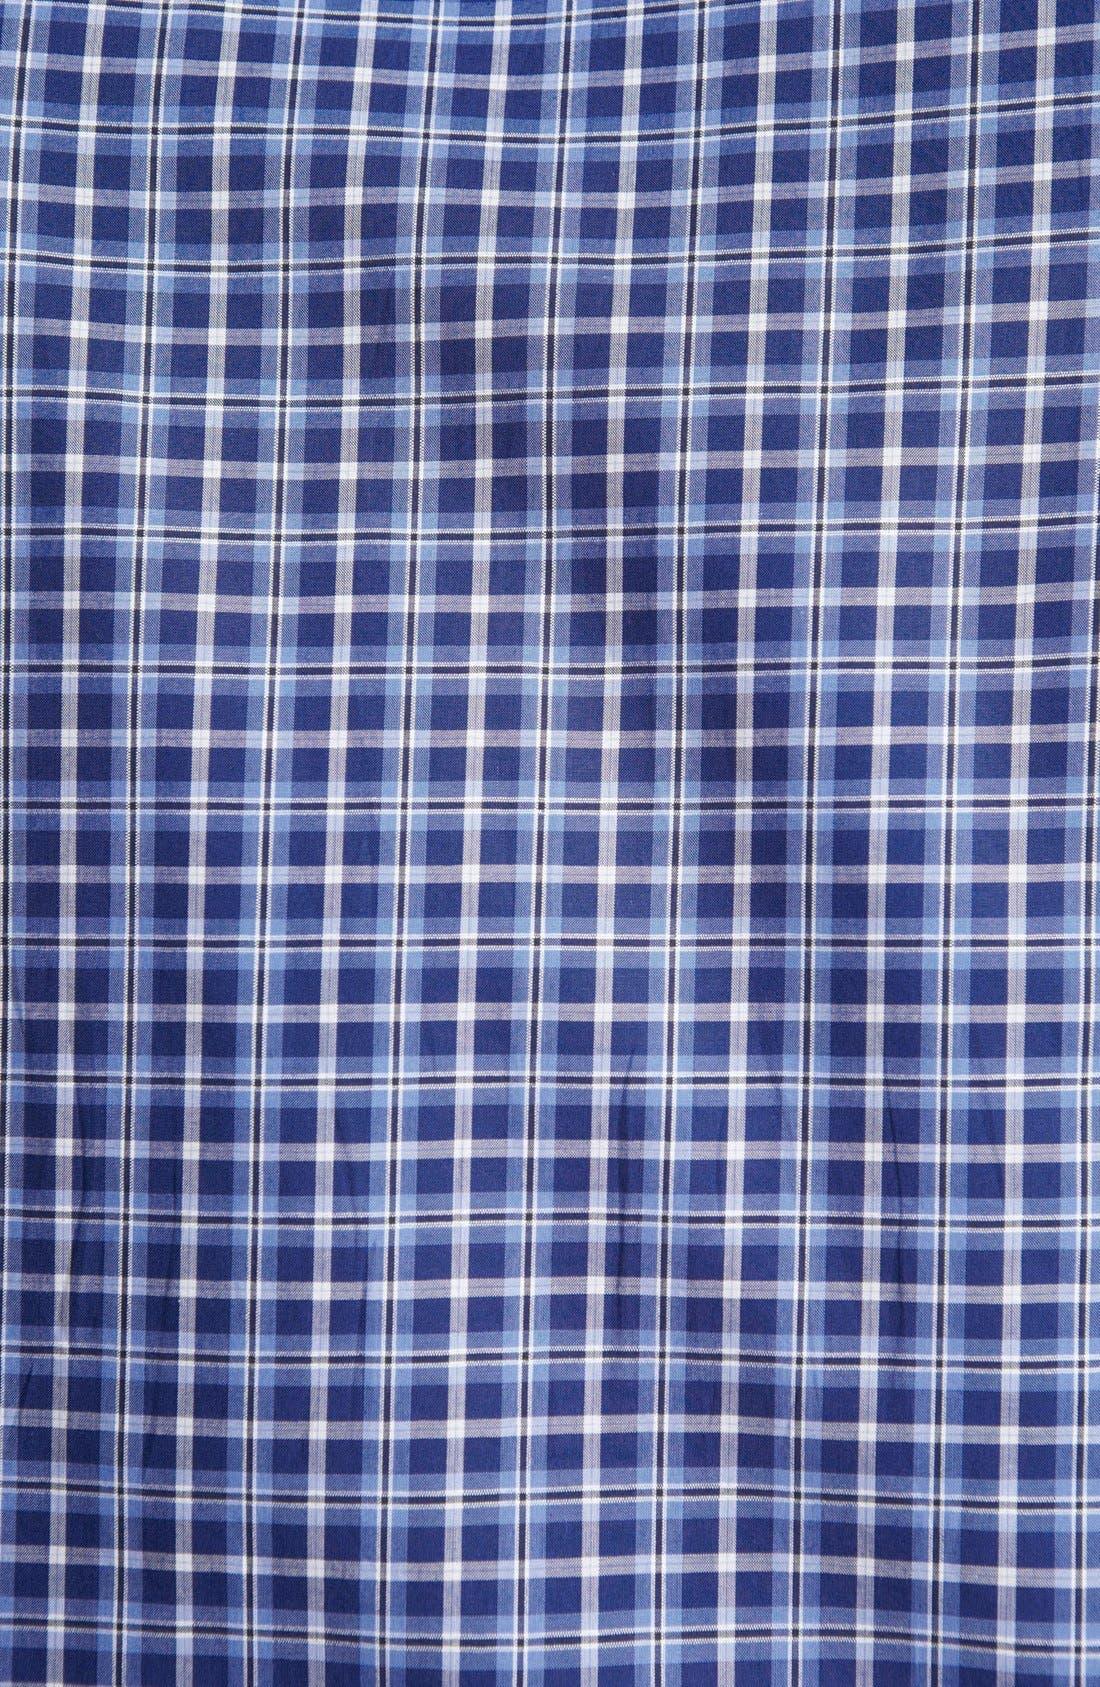 Alternate Image 3  - BOSS HUGO BOSS 'Marc' Slim Fit Sport Shirt